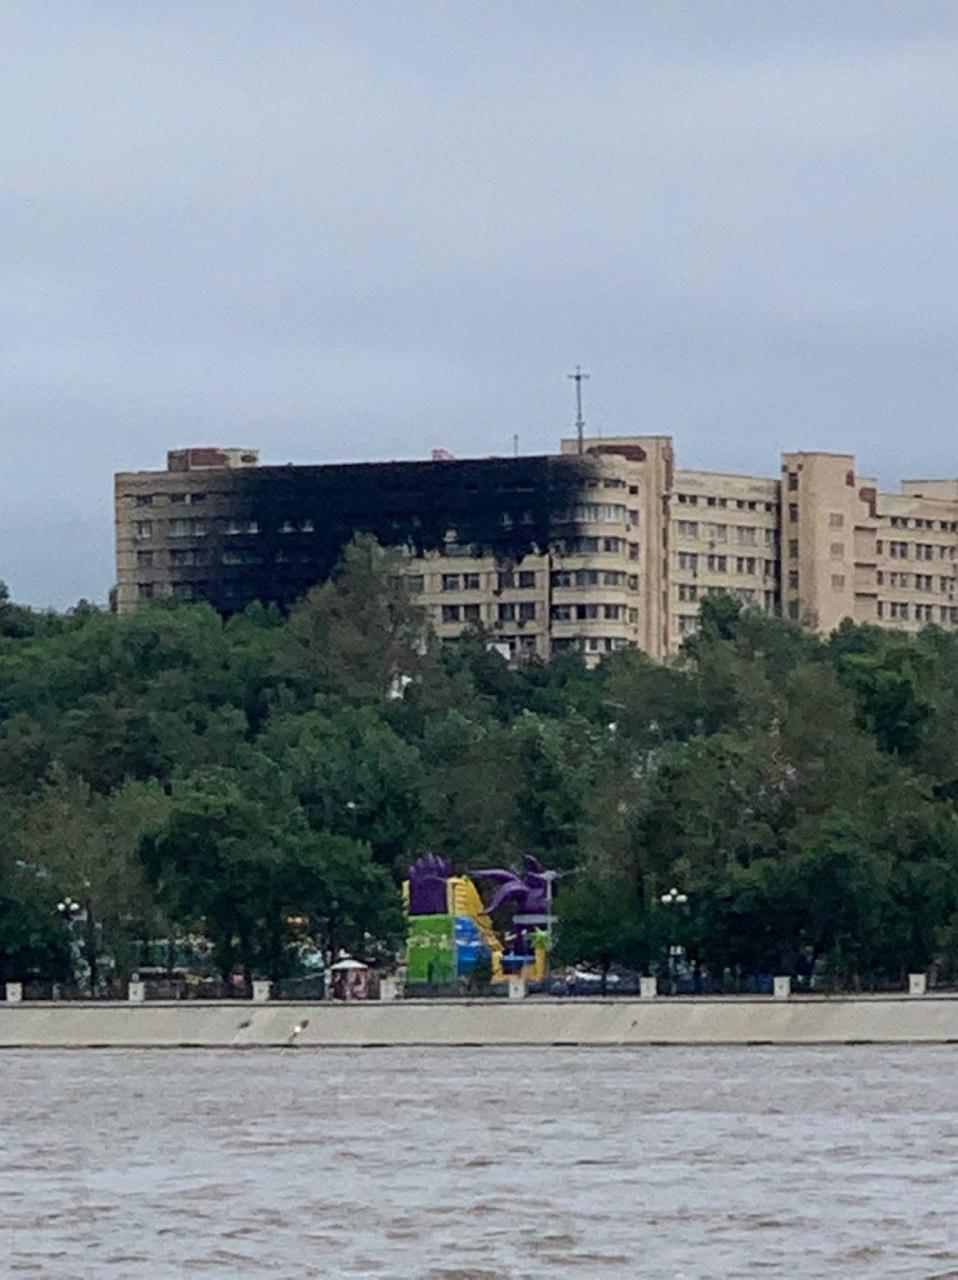 Сильный пожар на территории военного госпиталя в Хабаровске